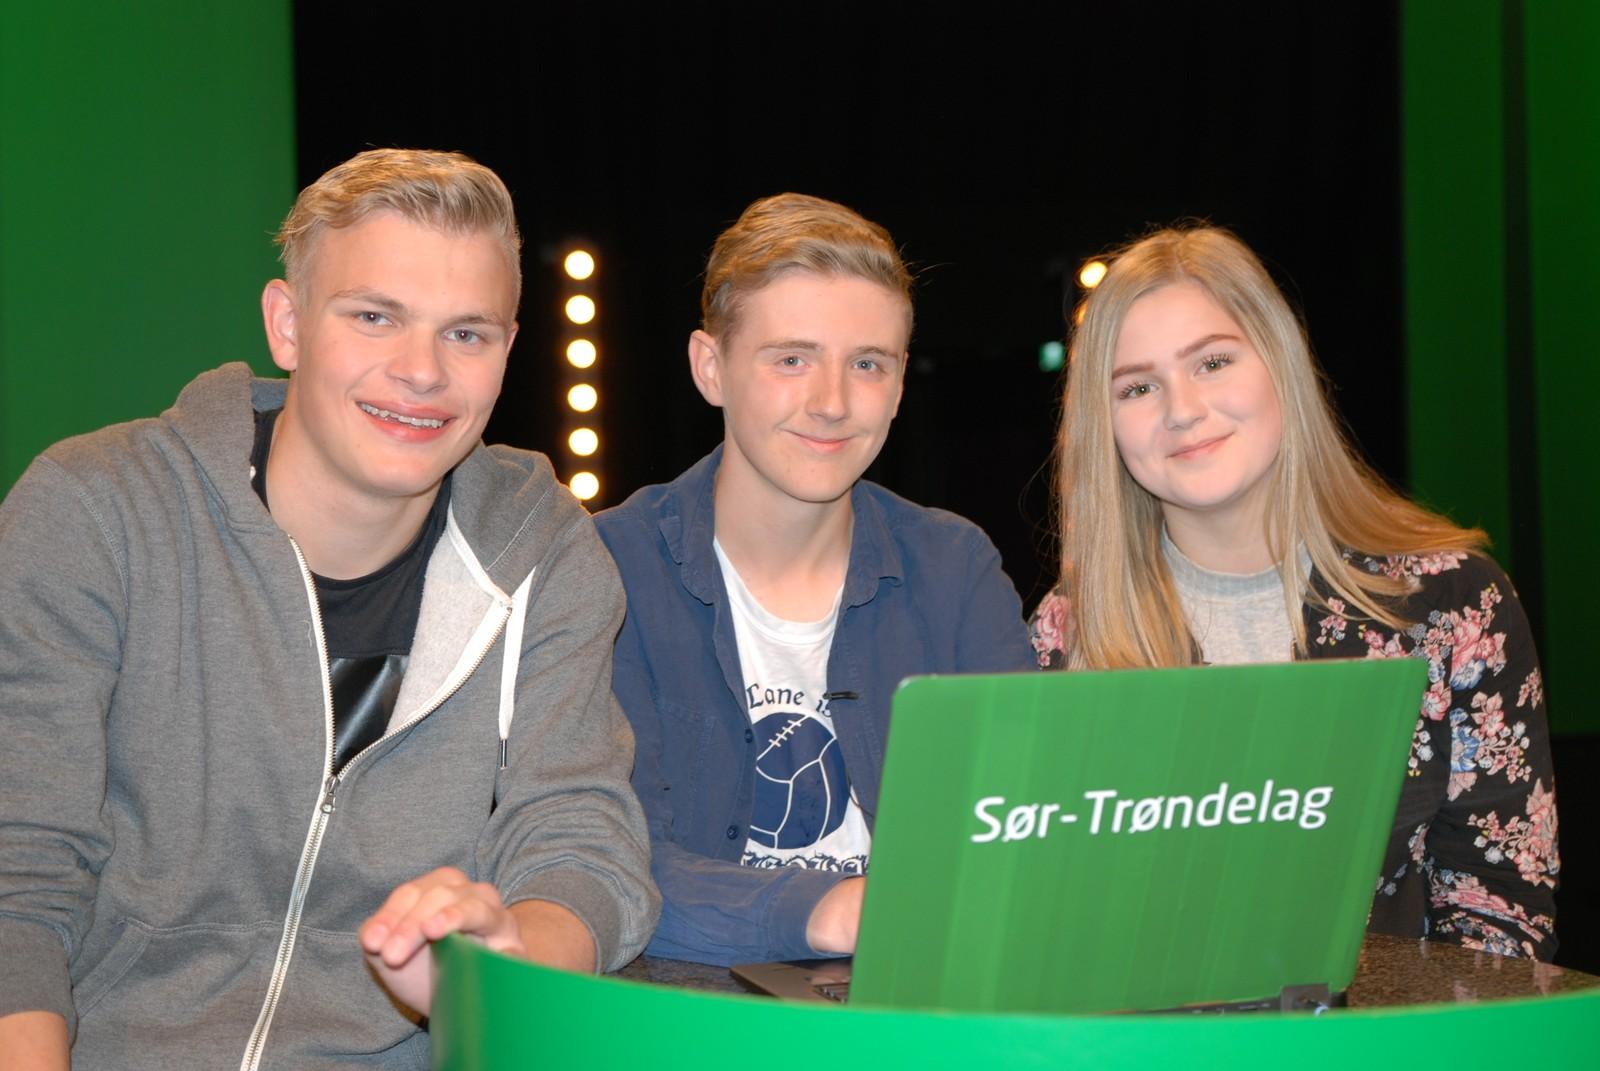 SØR-TRØNDELAG: Krokstadøra oppvekstsenter i Snillfjord kommune representert ved Nils Forren, John Kristian Kjøren og Ellen Snildalsli.